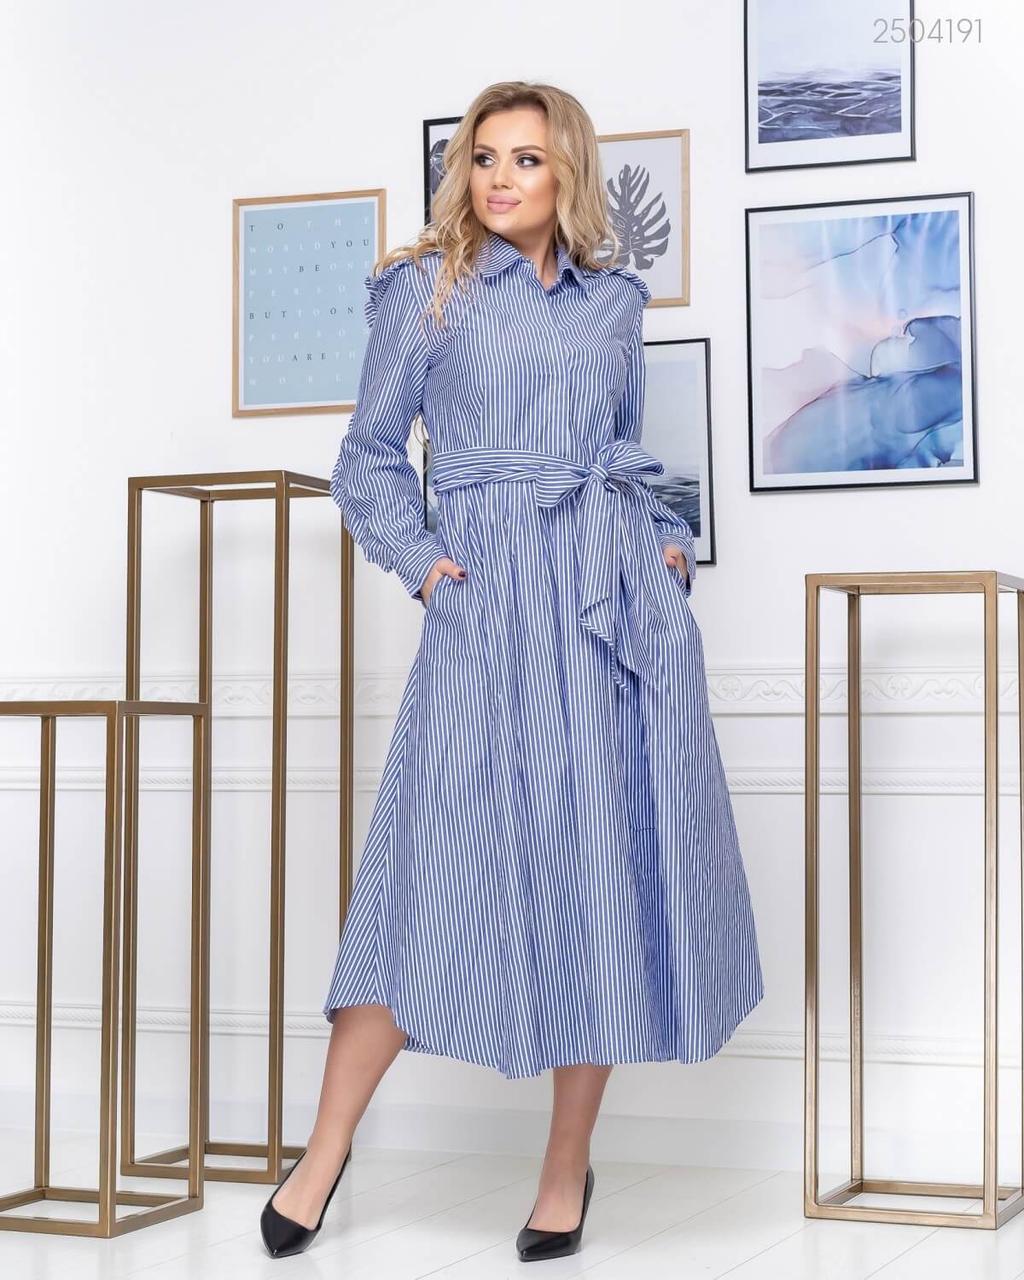 Летнее полосатое платье - рубашка в больших размерах длиной миди 83uk631